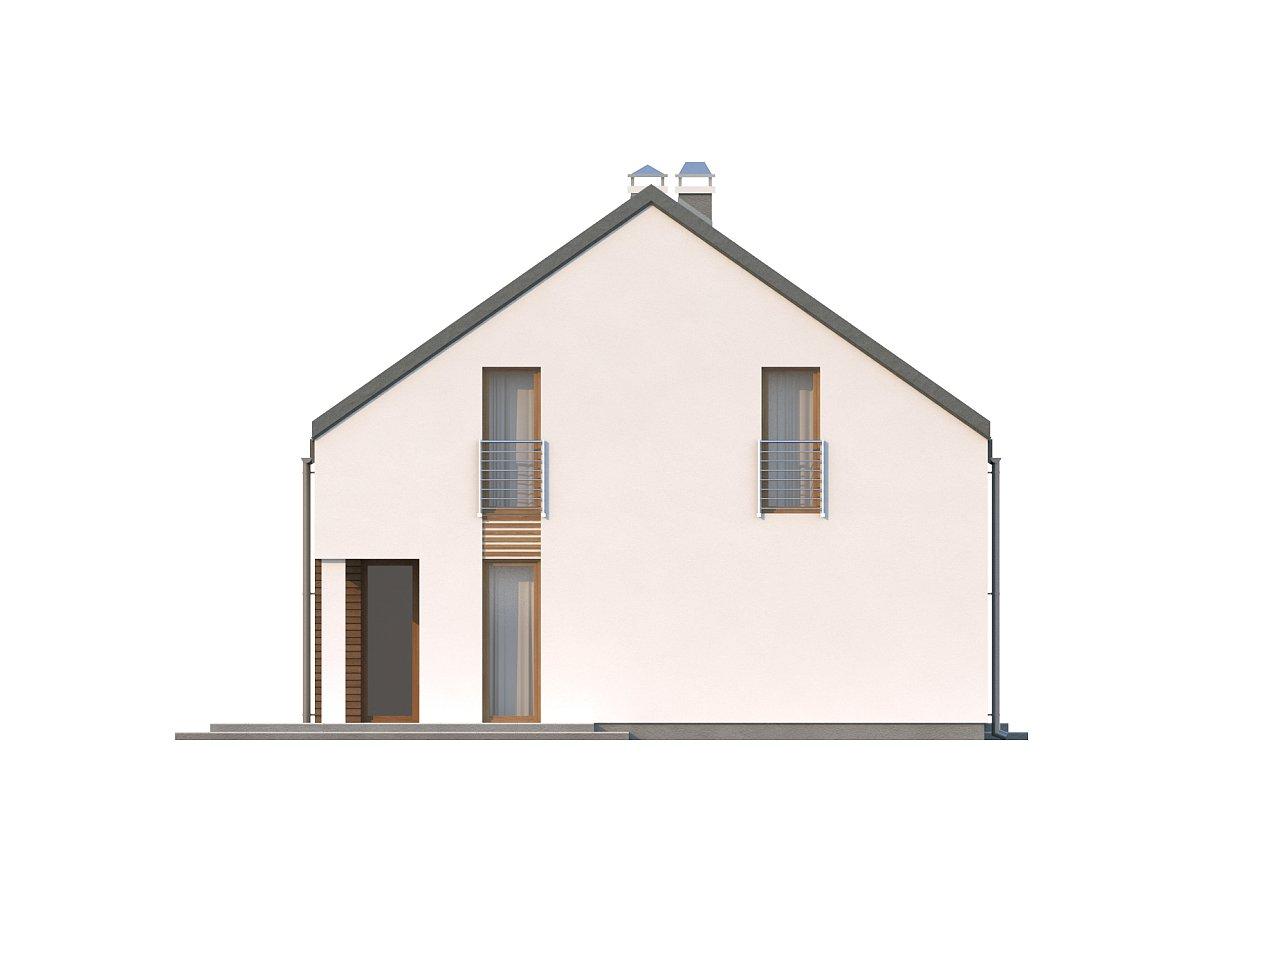 Аккуратный современный дом простой формы с оригинальной двускатной крышей. - фото 6